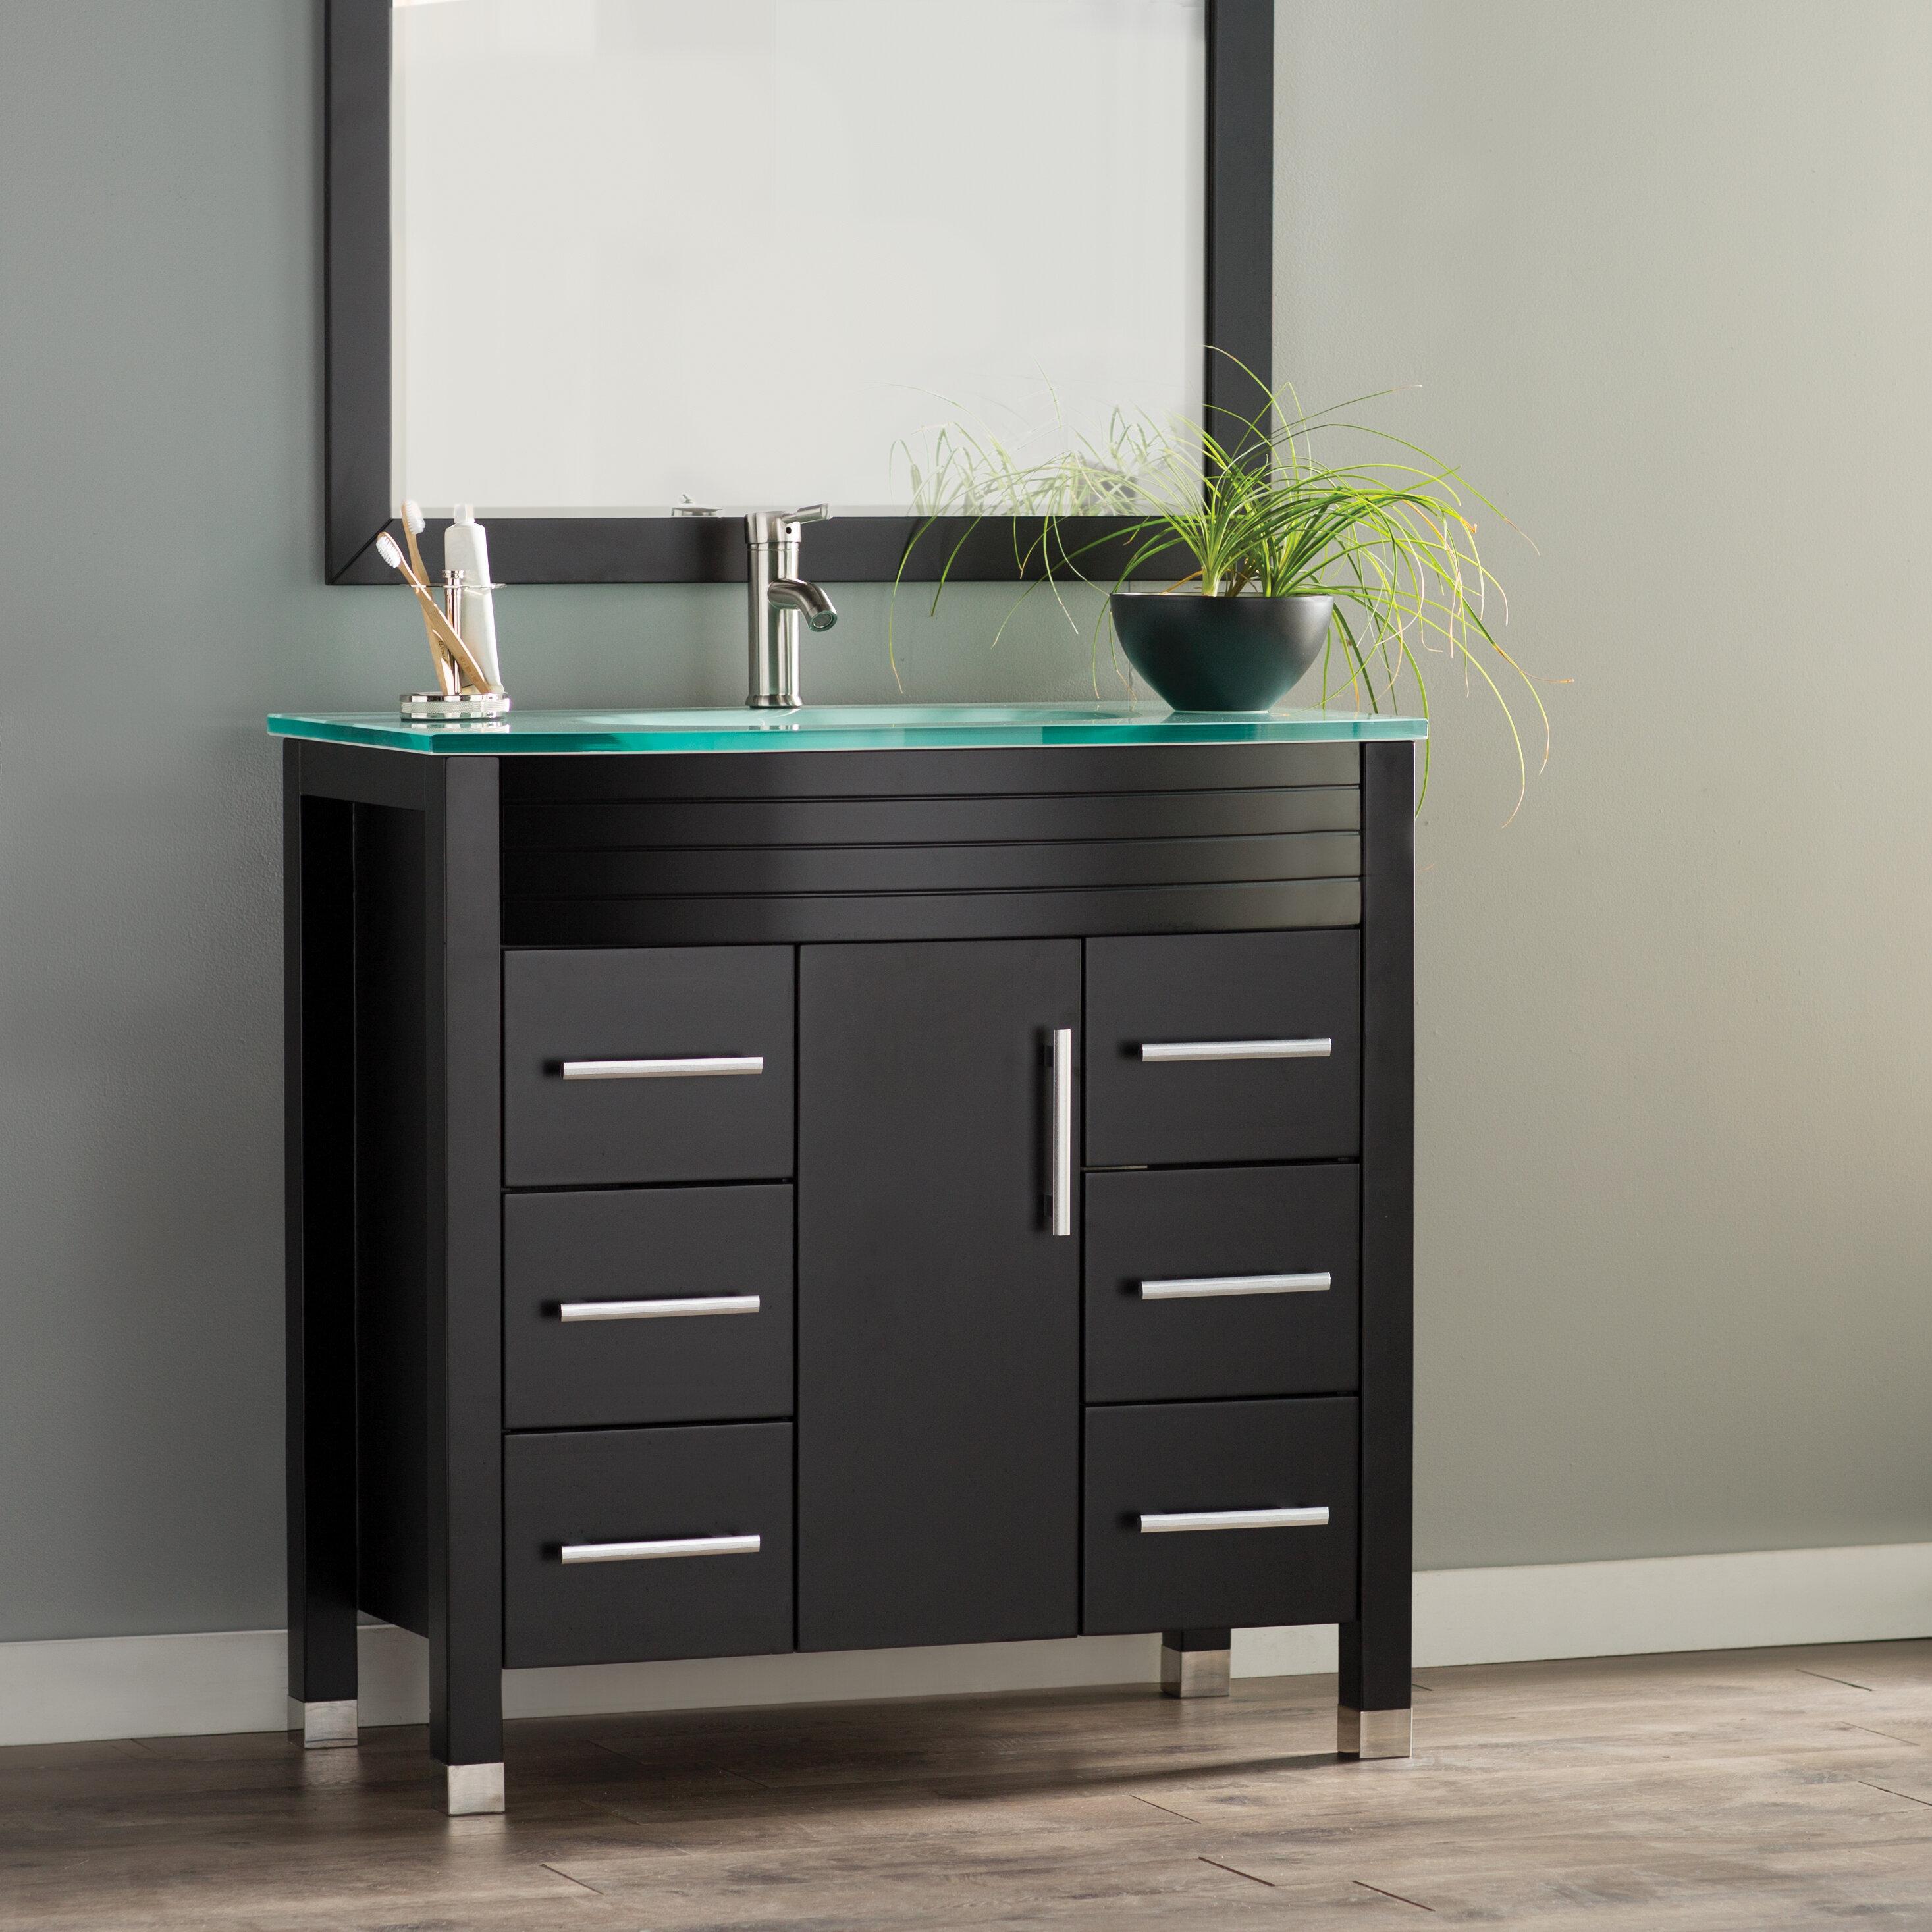 Orren Ellis Prall Modern 36 Single Sink Bathroom Vanity Set With